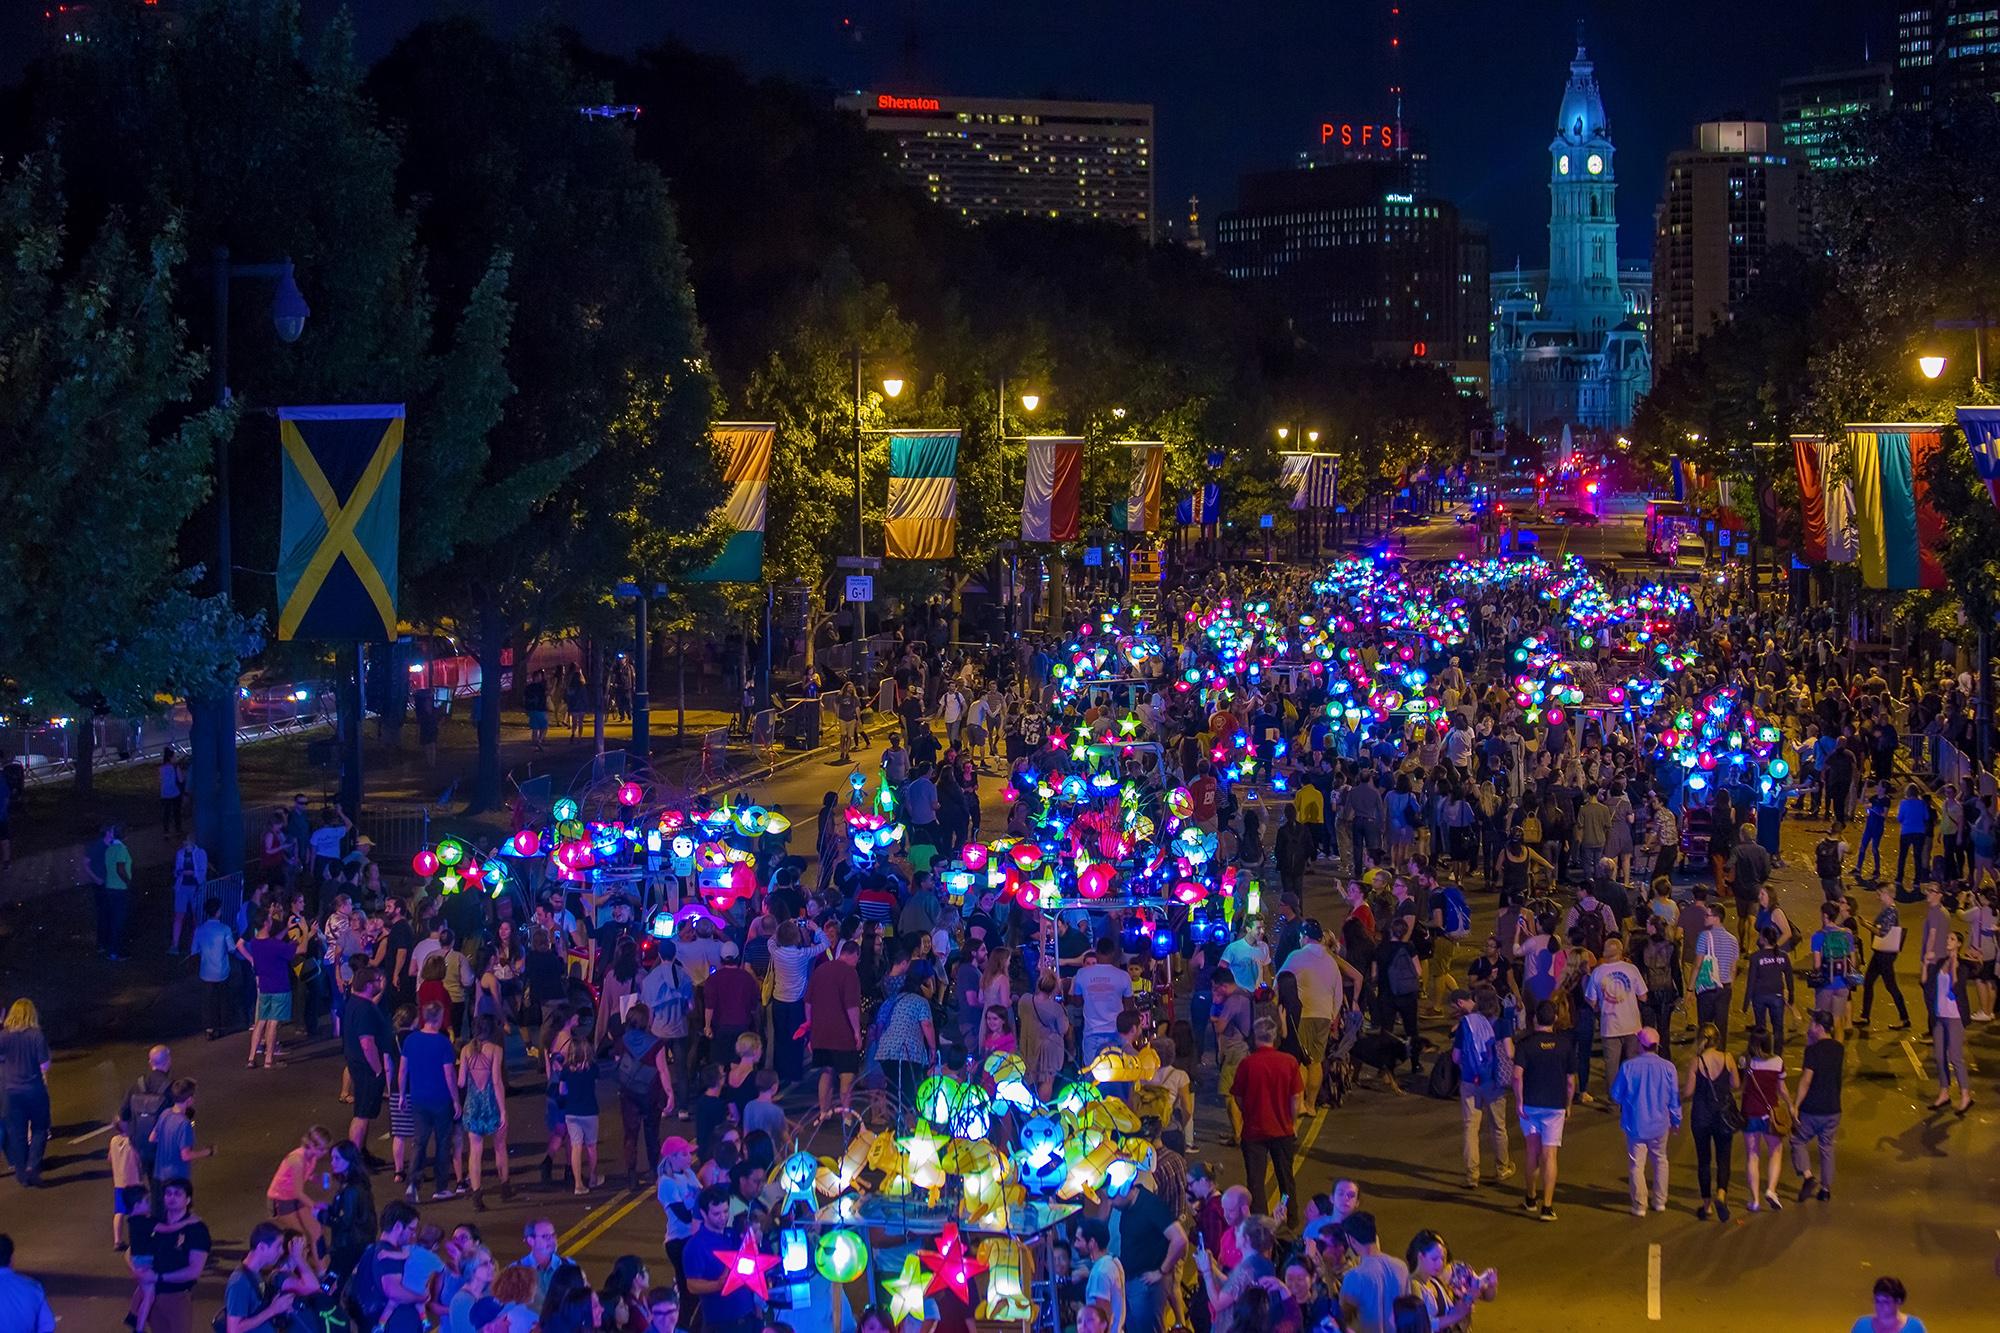 Cai Guo-Qiang: Fireflies